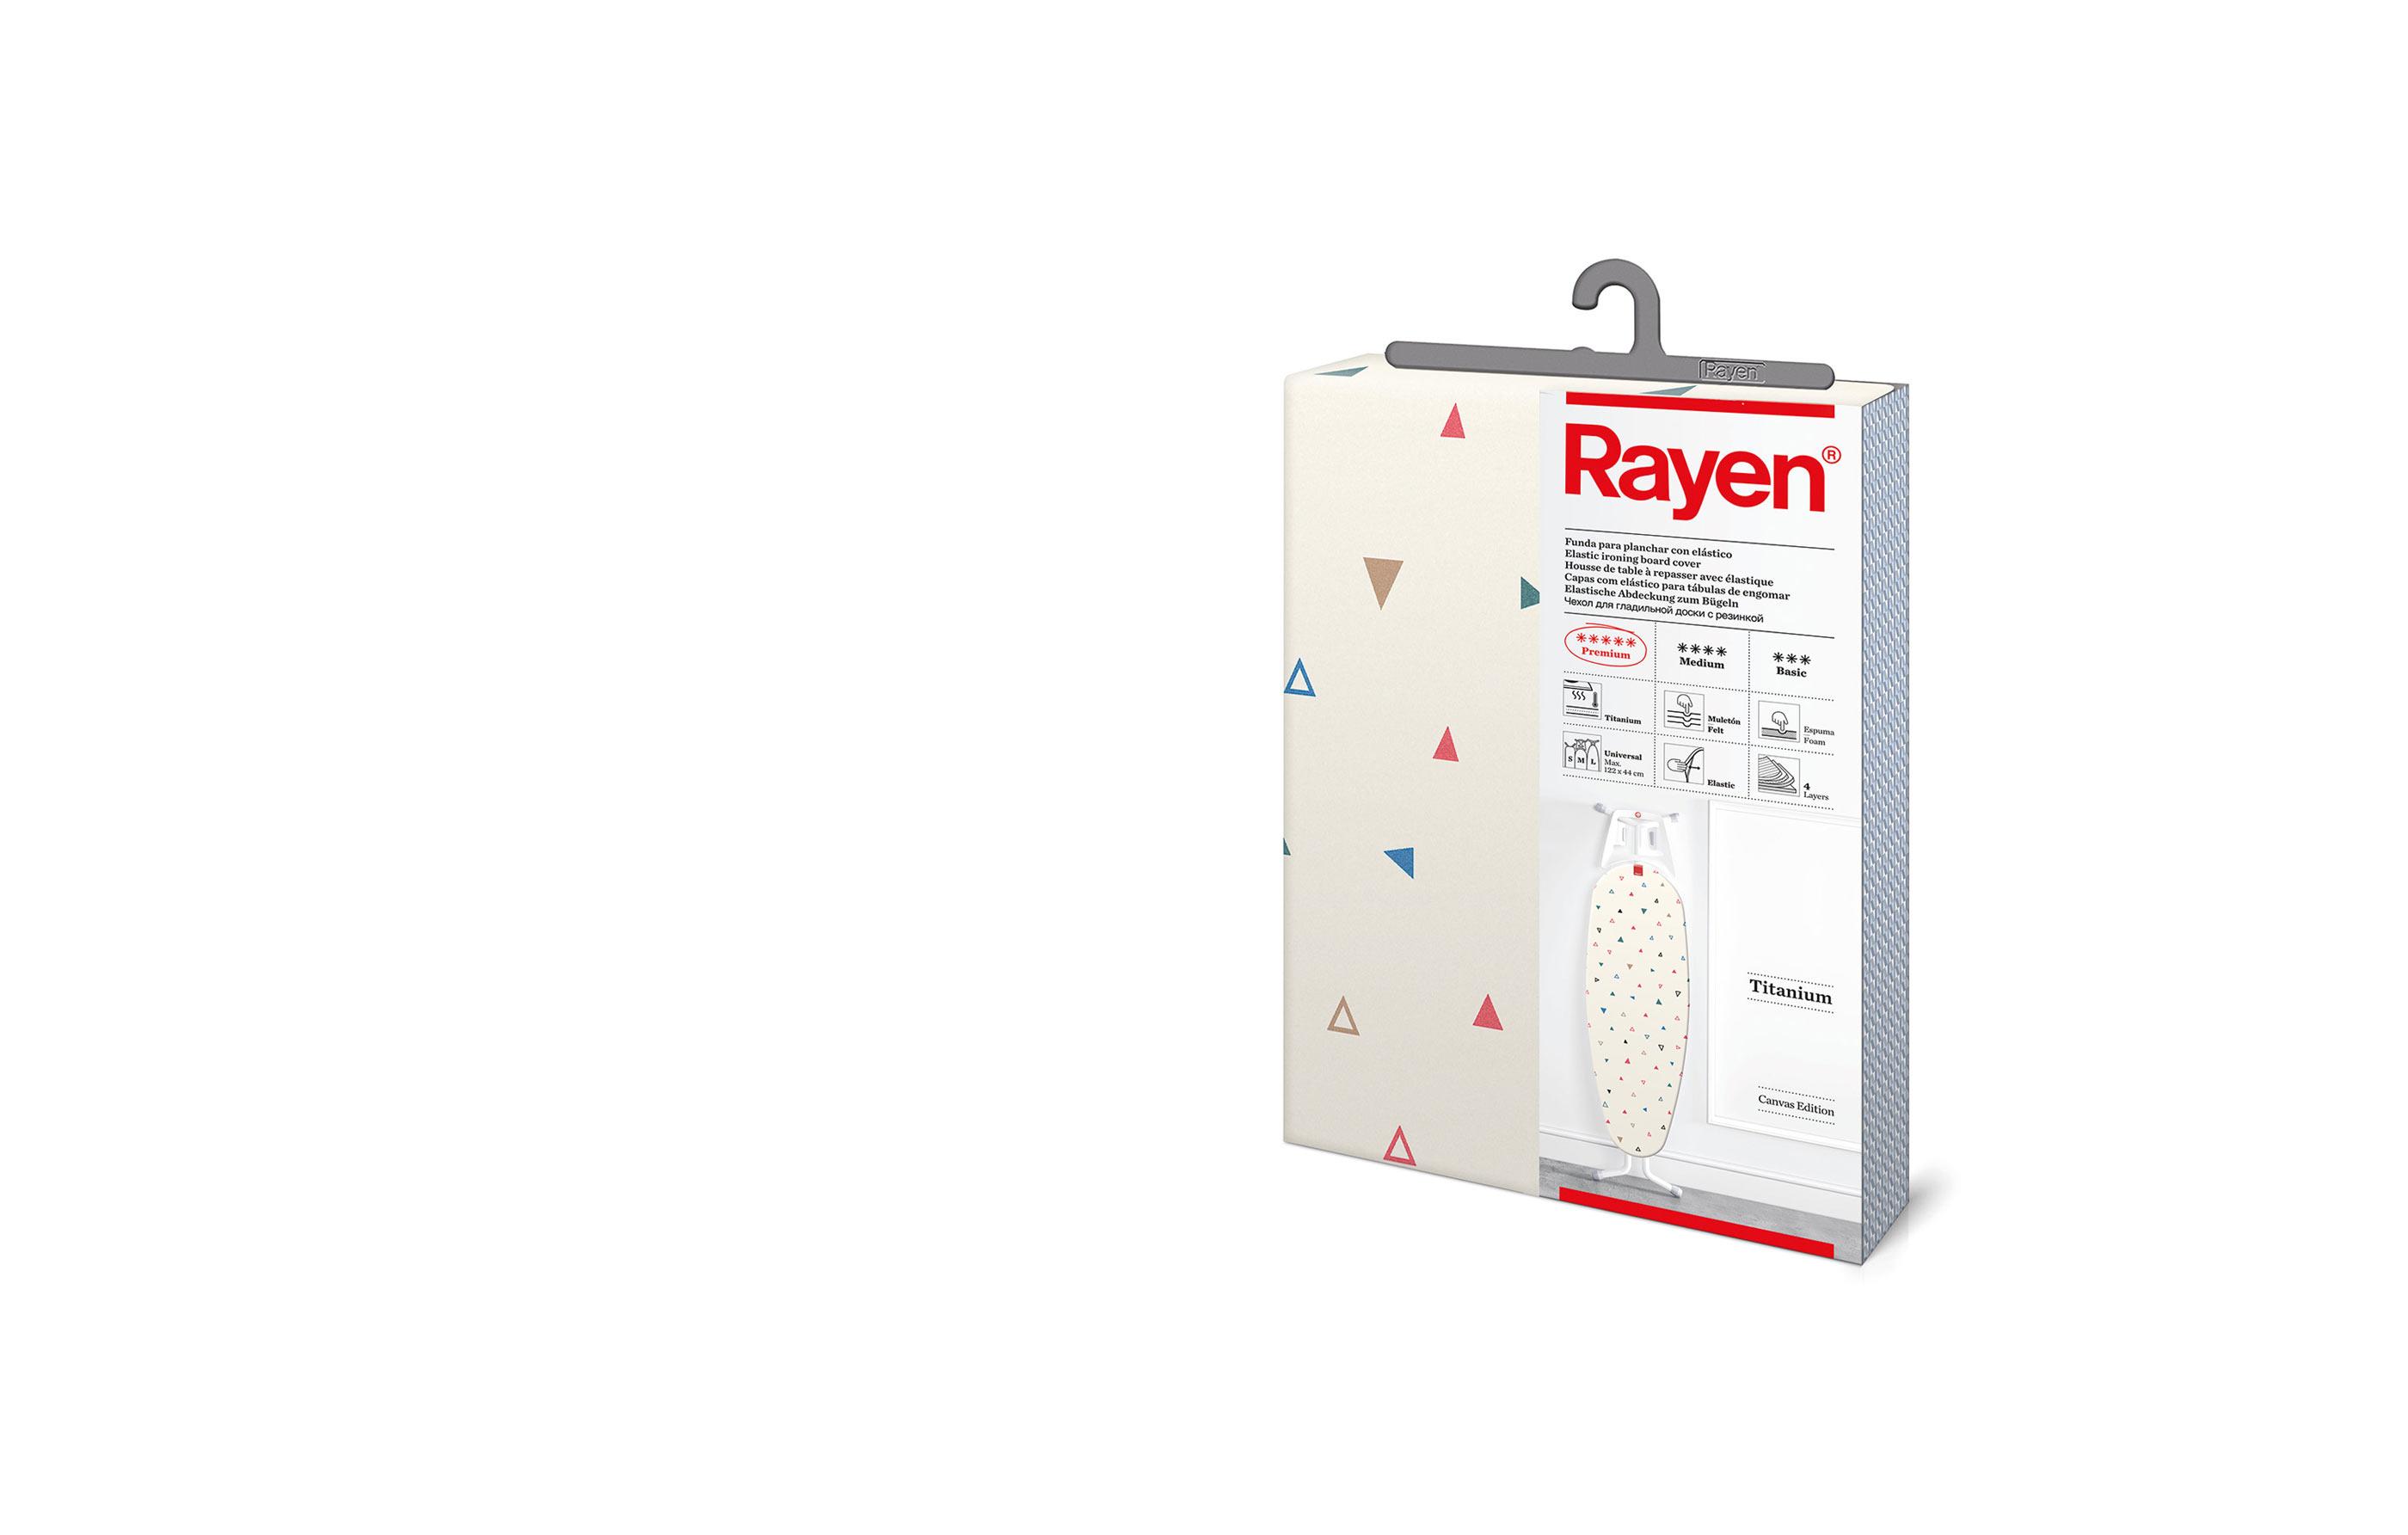 slider-fundas-plancha-1 Rayen | Soluciones innovadoras para el hogar | Funda para tabla de planchar con elástico | Rayen.com